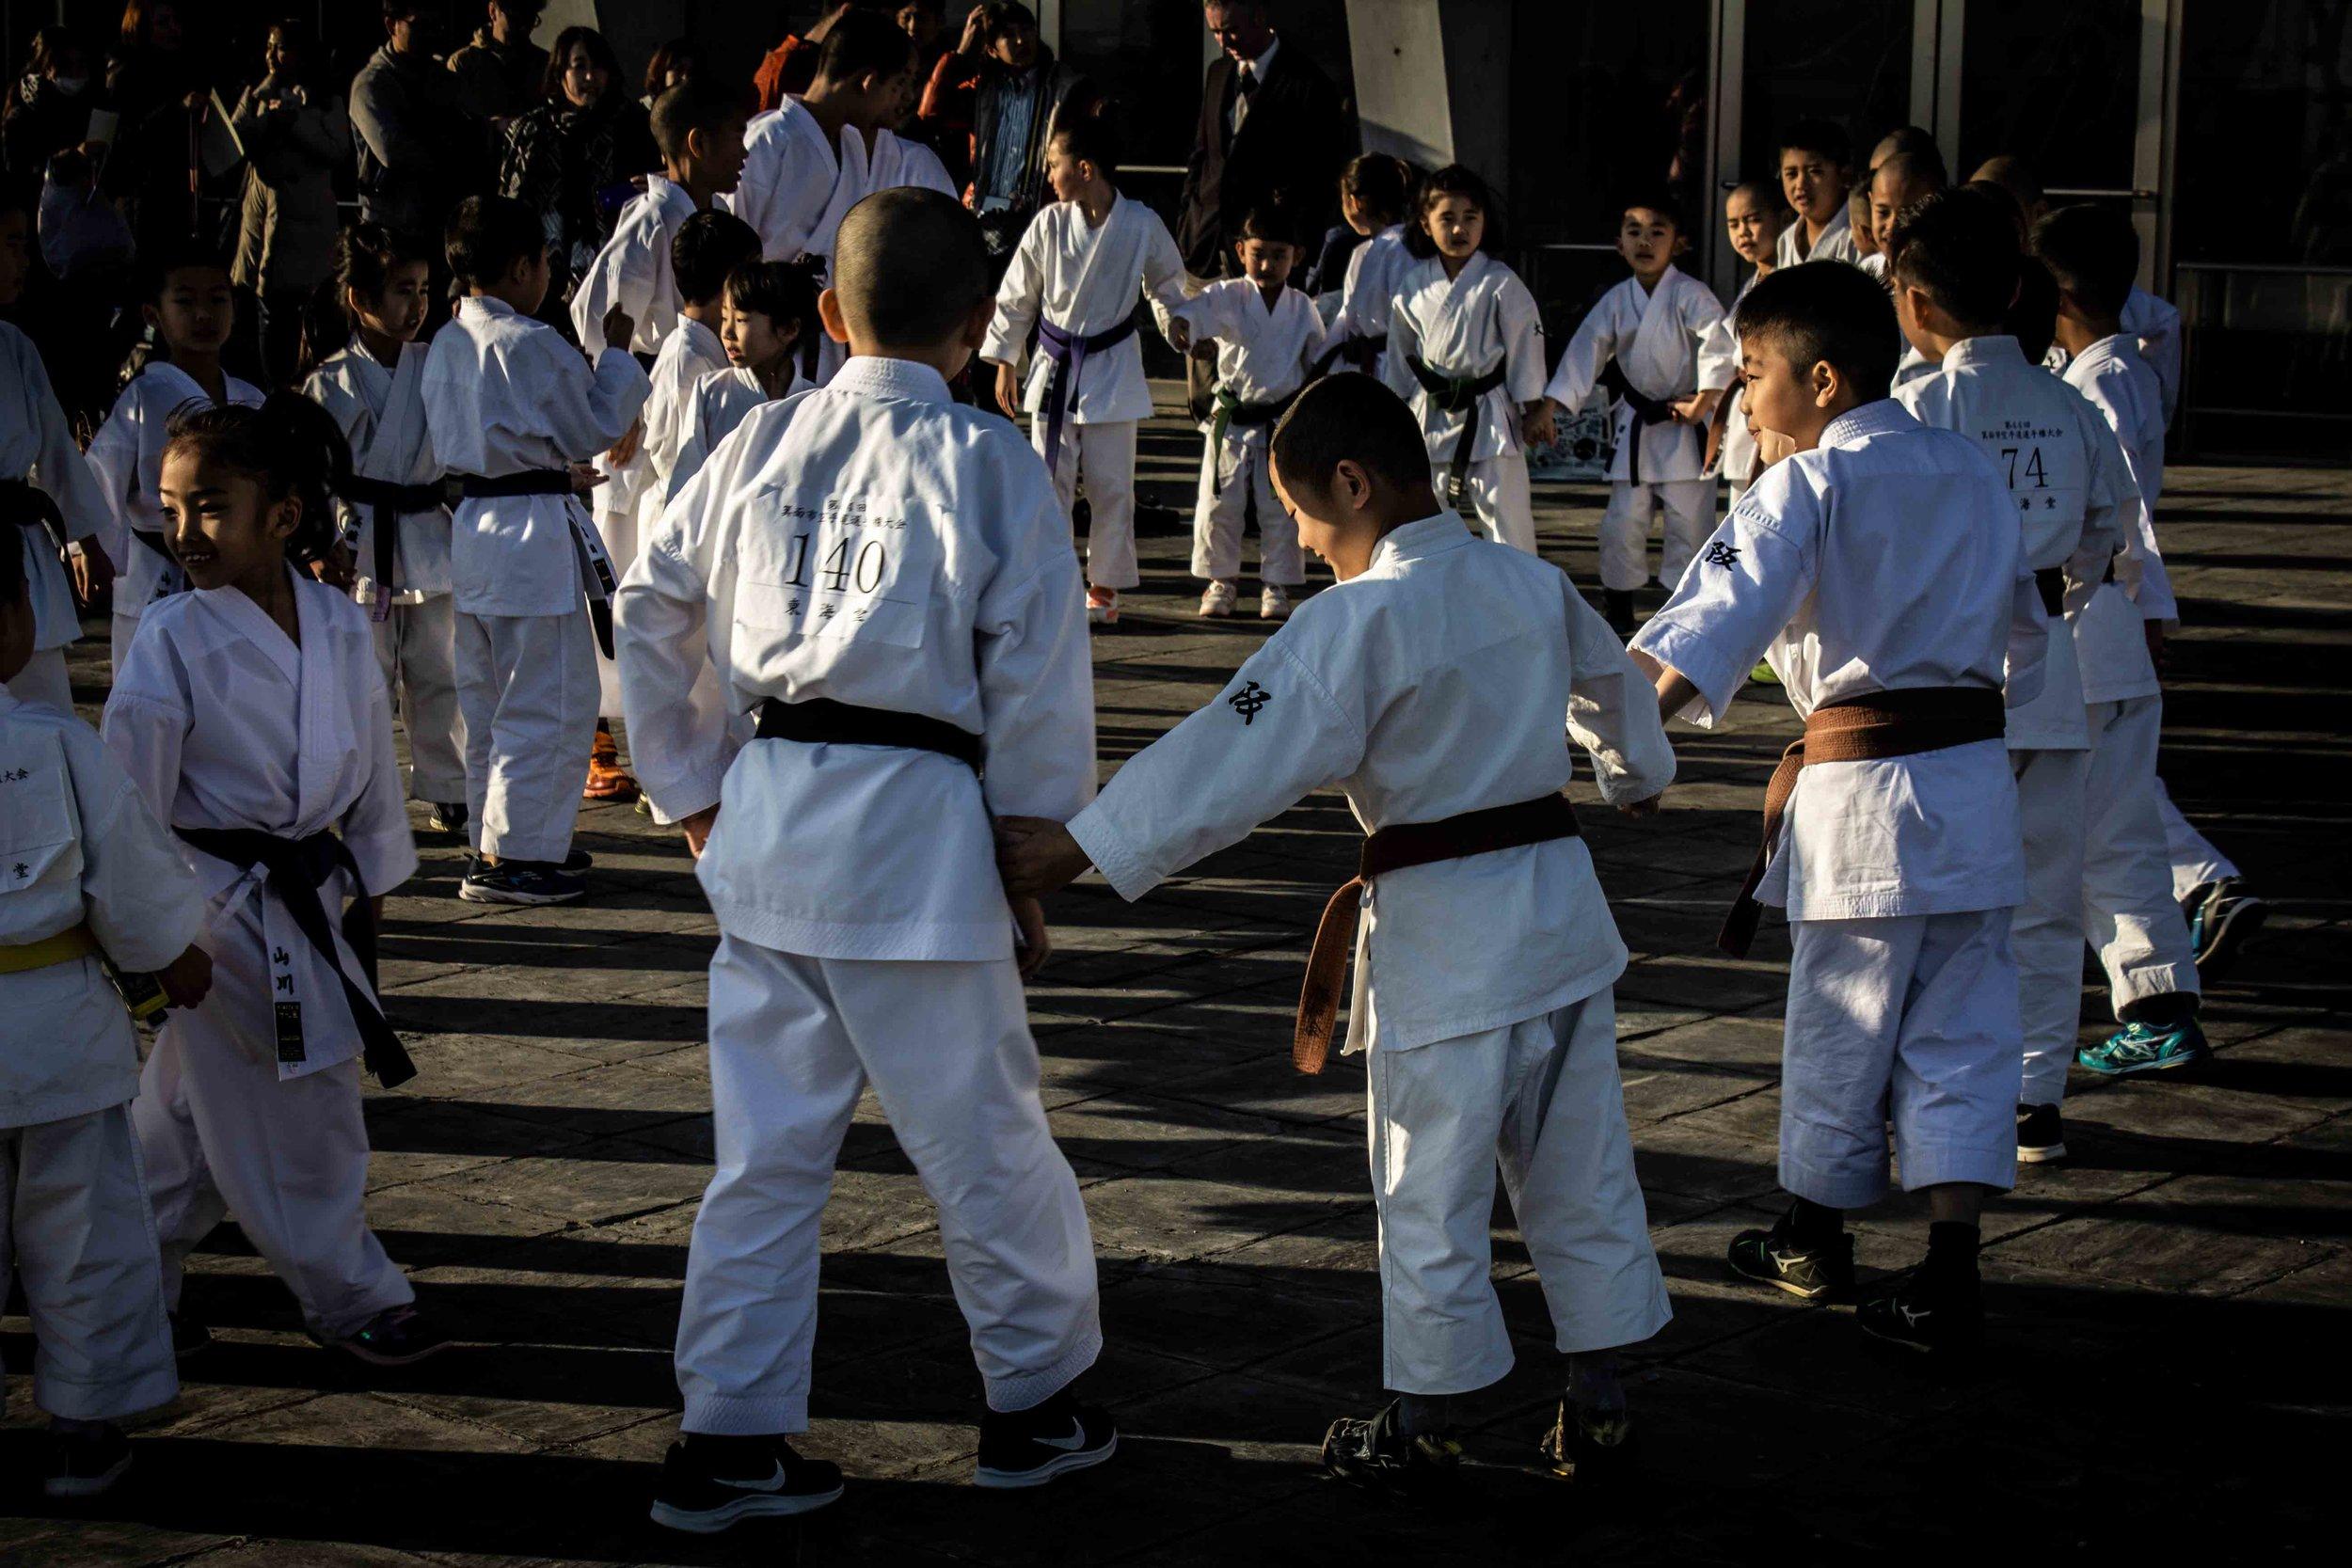 karatekids.jpg